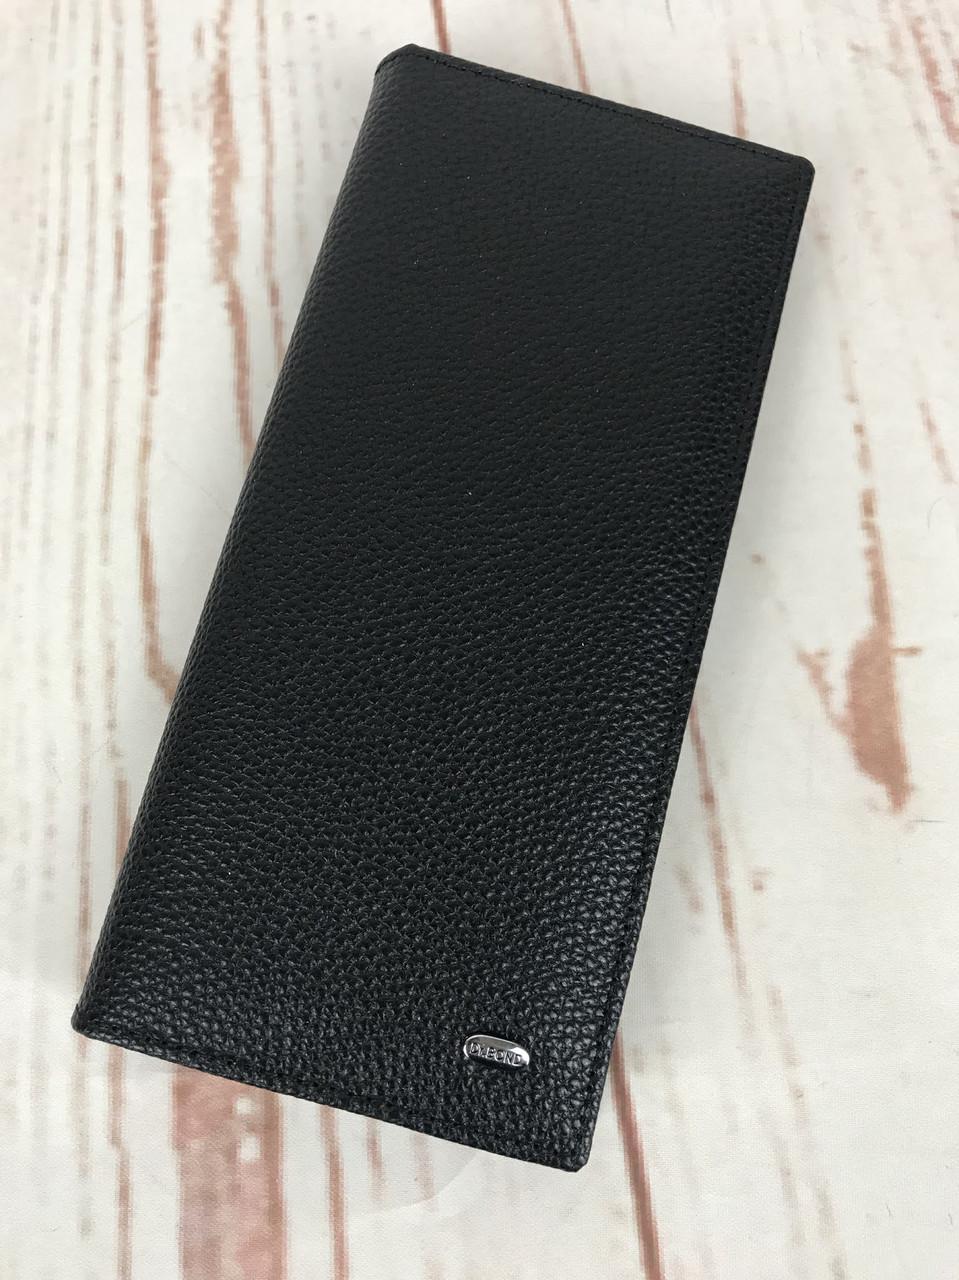 Мужской кожаный кошелек, портмоне Dr.Bond из натуральной кожи на магните ЕК14